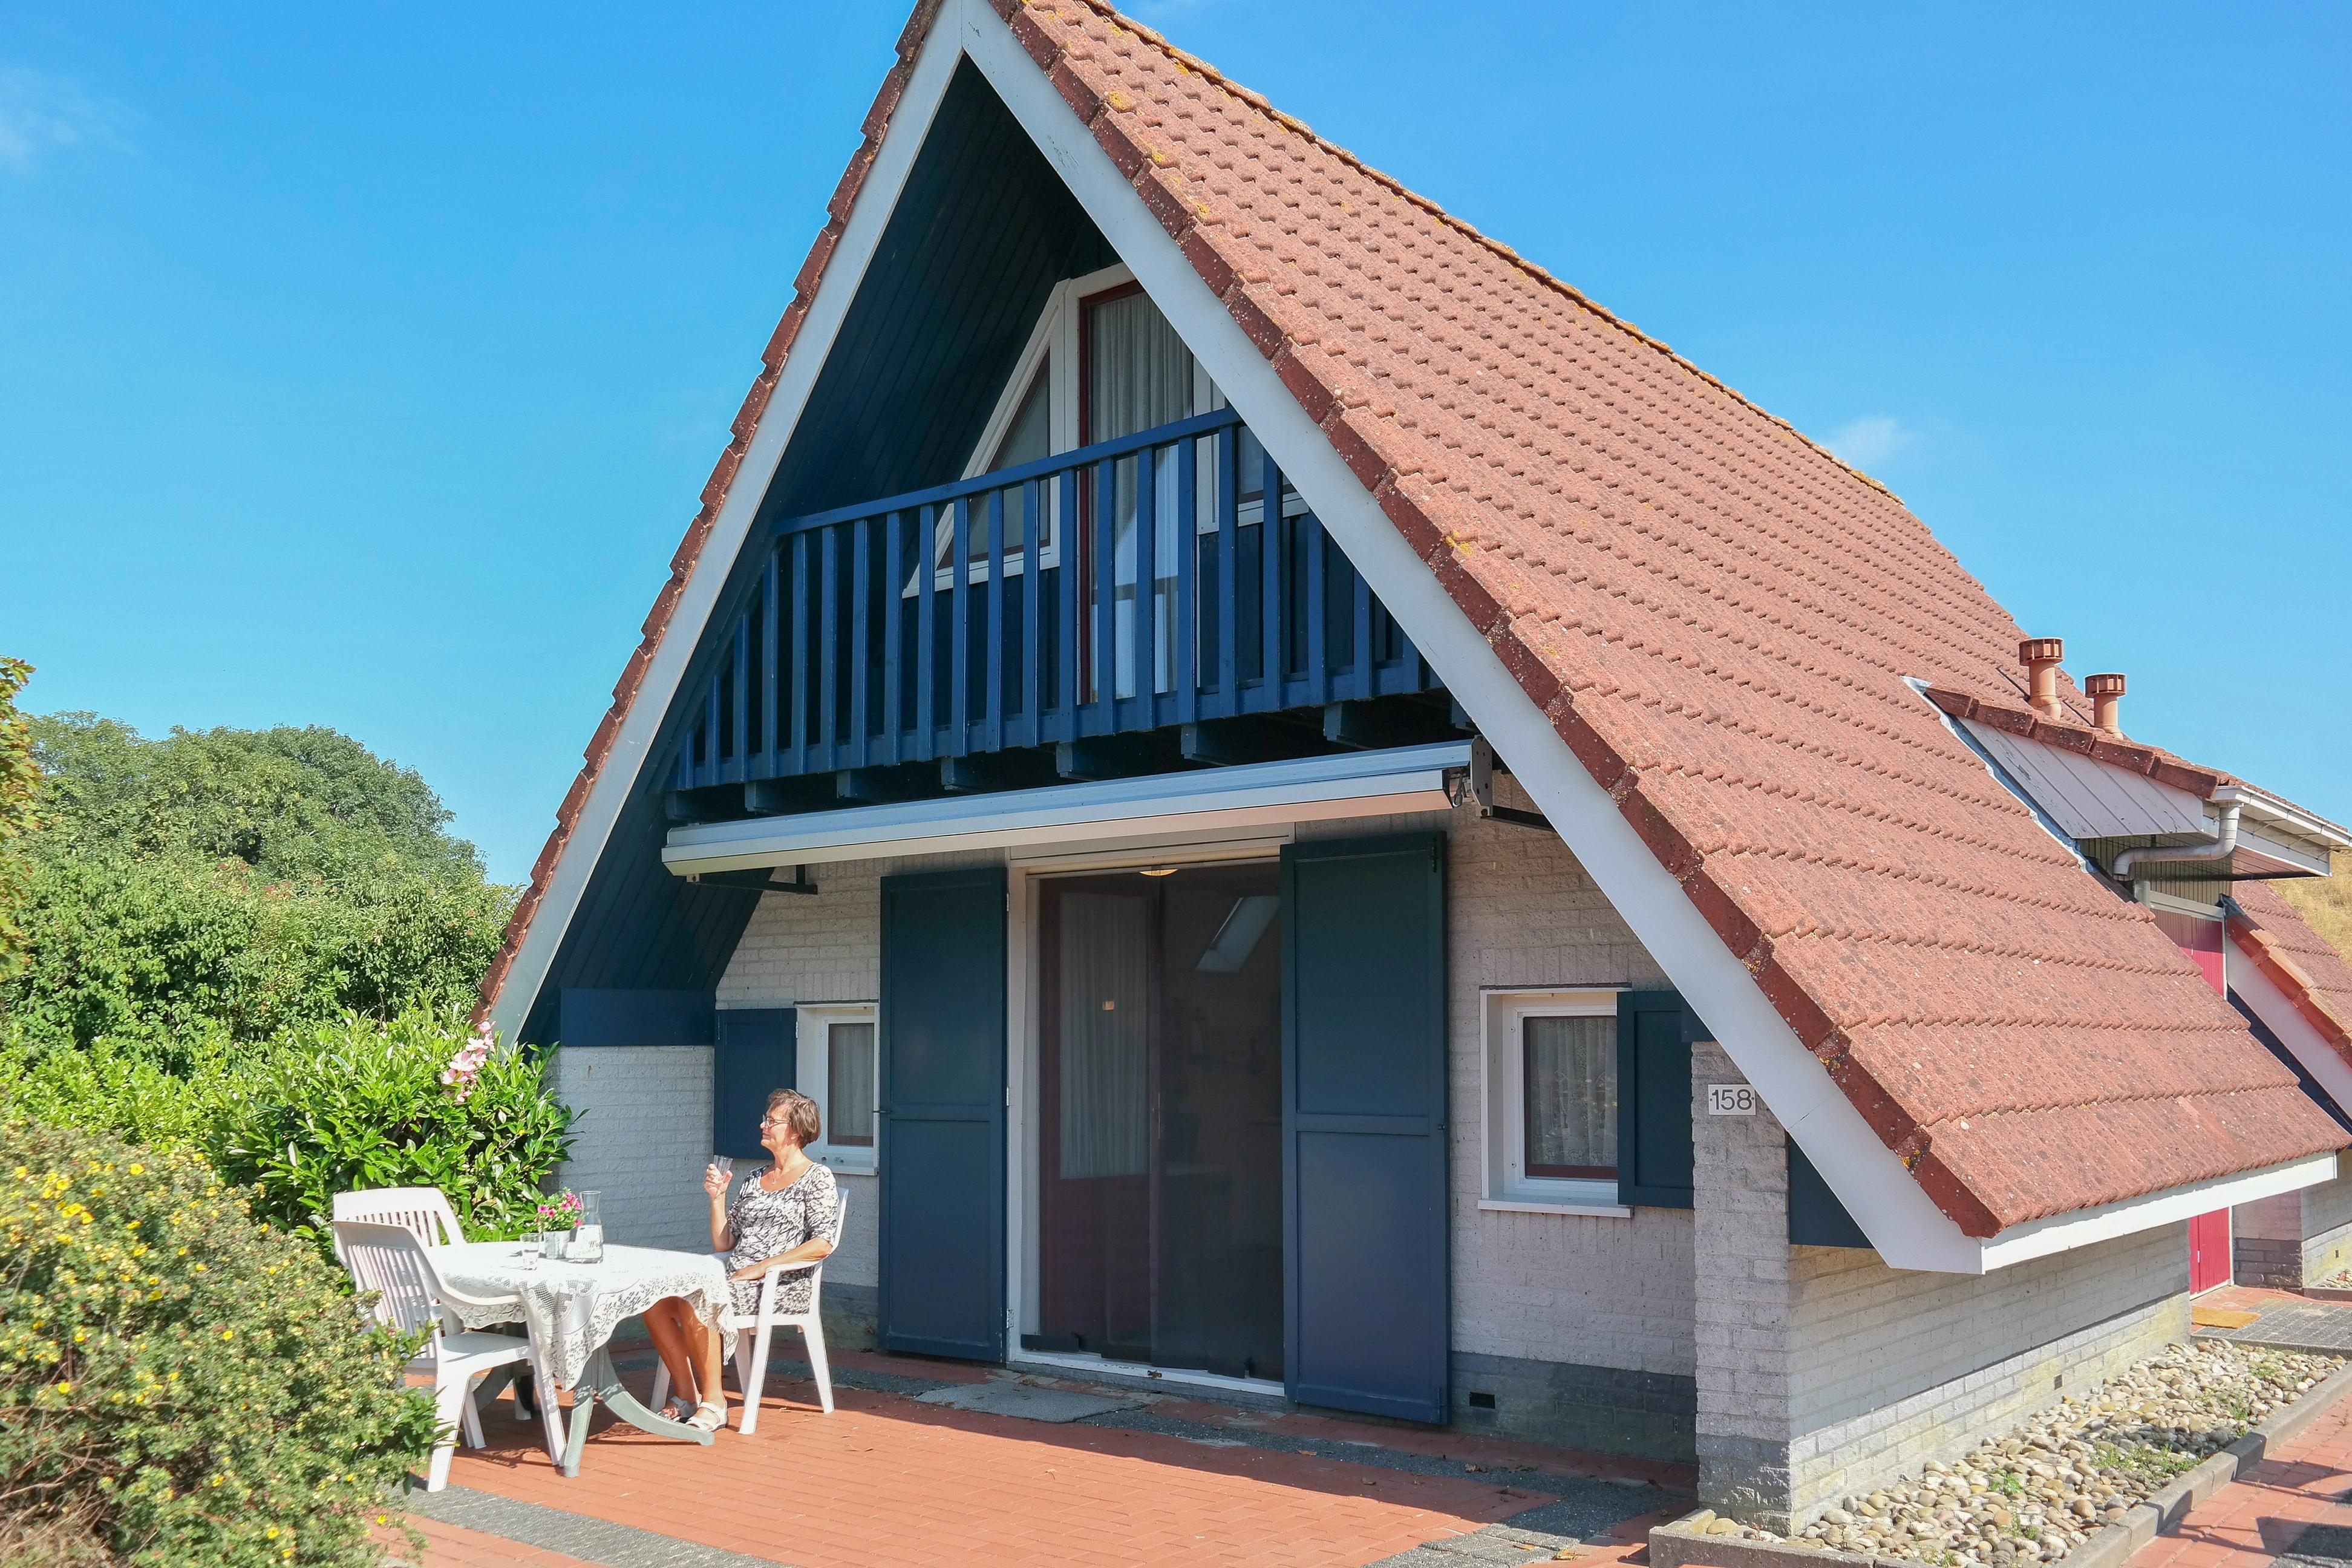 6 Pers Haus auf einem typischen niederlndischen Gracht nahe dem Nationalpark